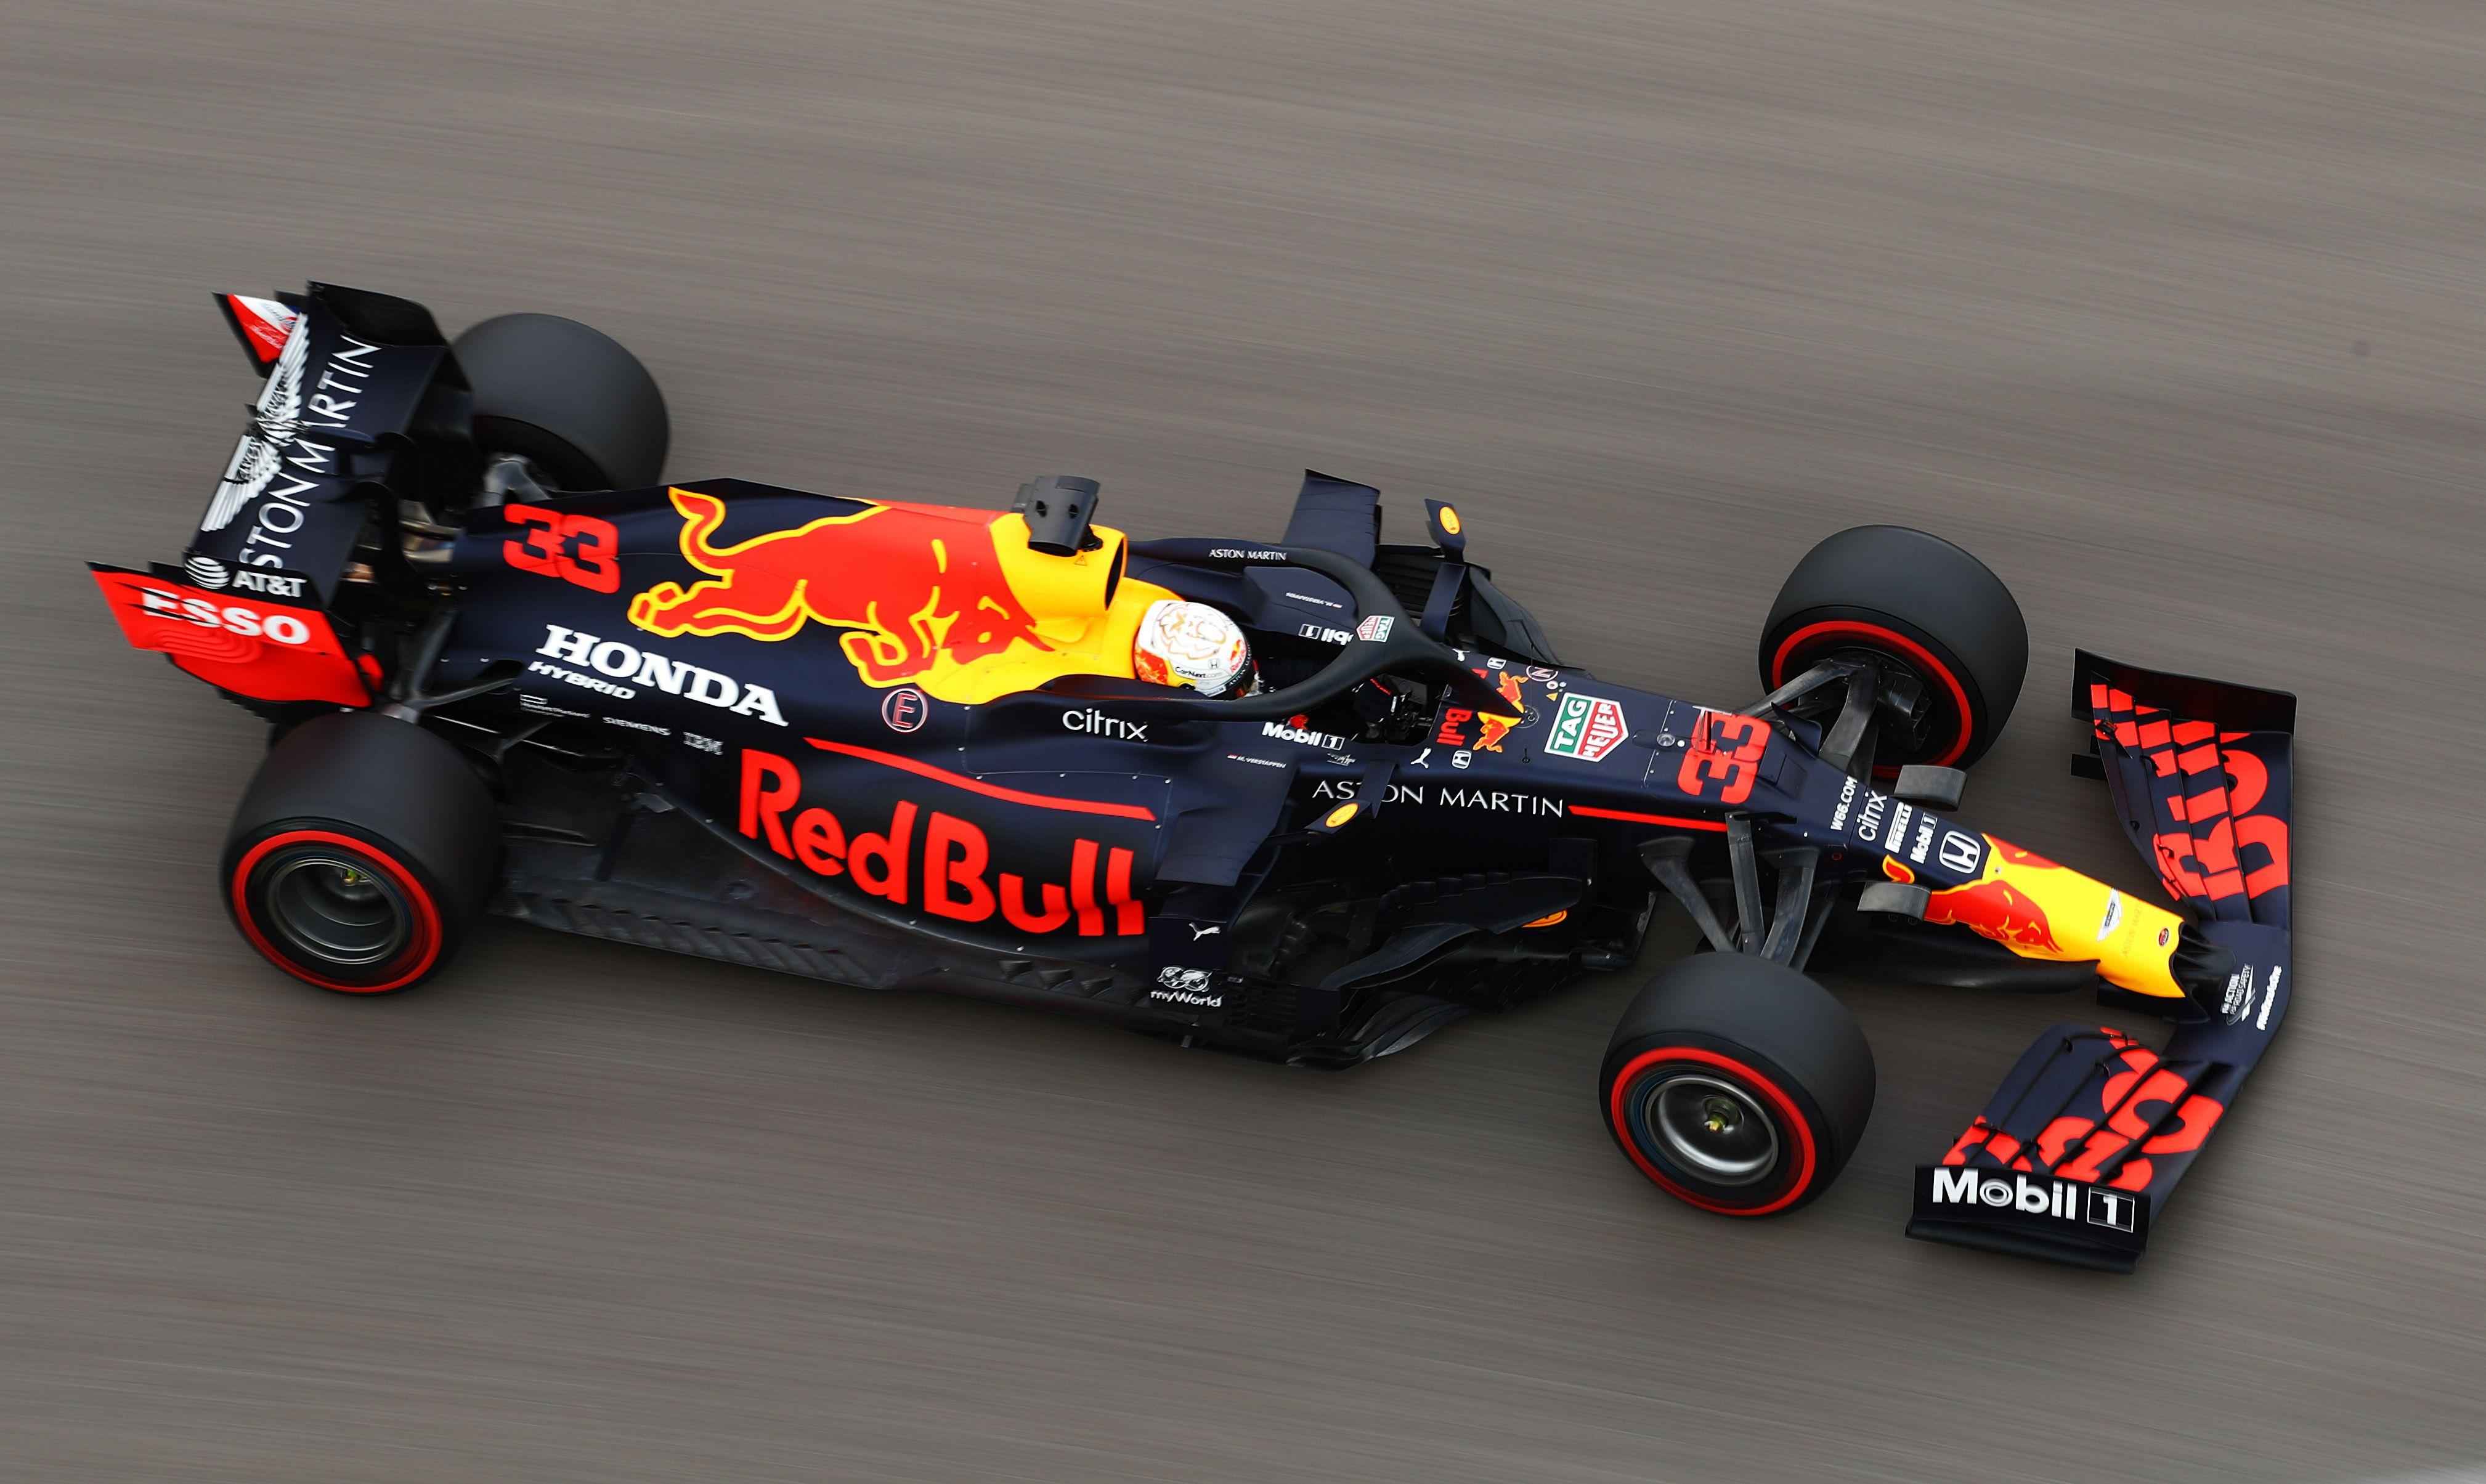 F1 Losing Major Engine Manufacturer After 2021 Season